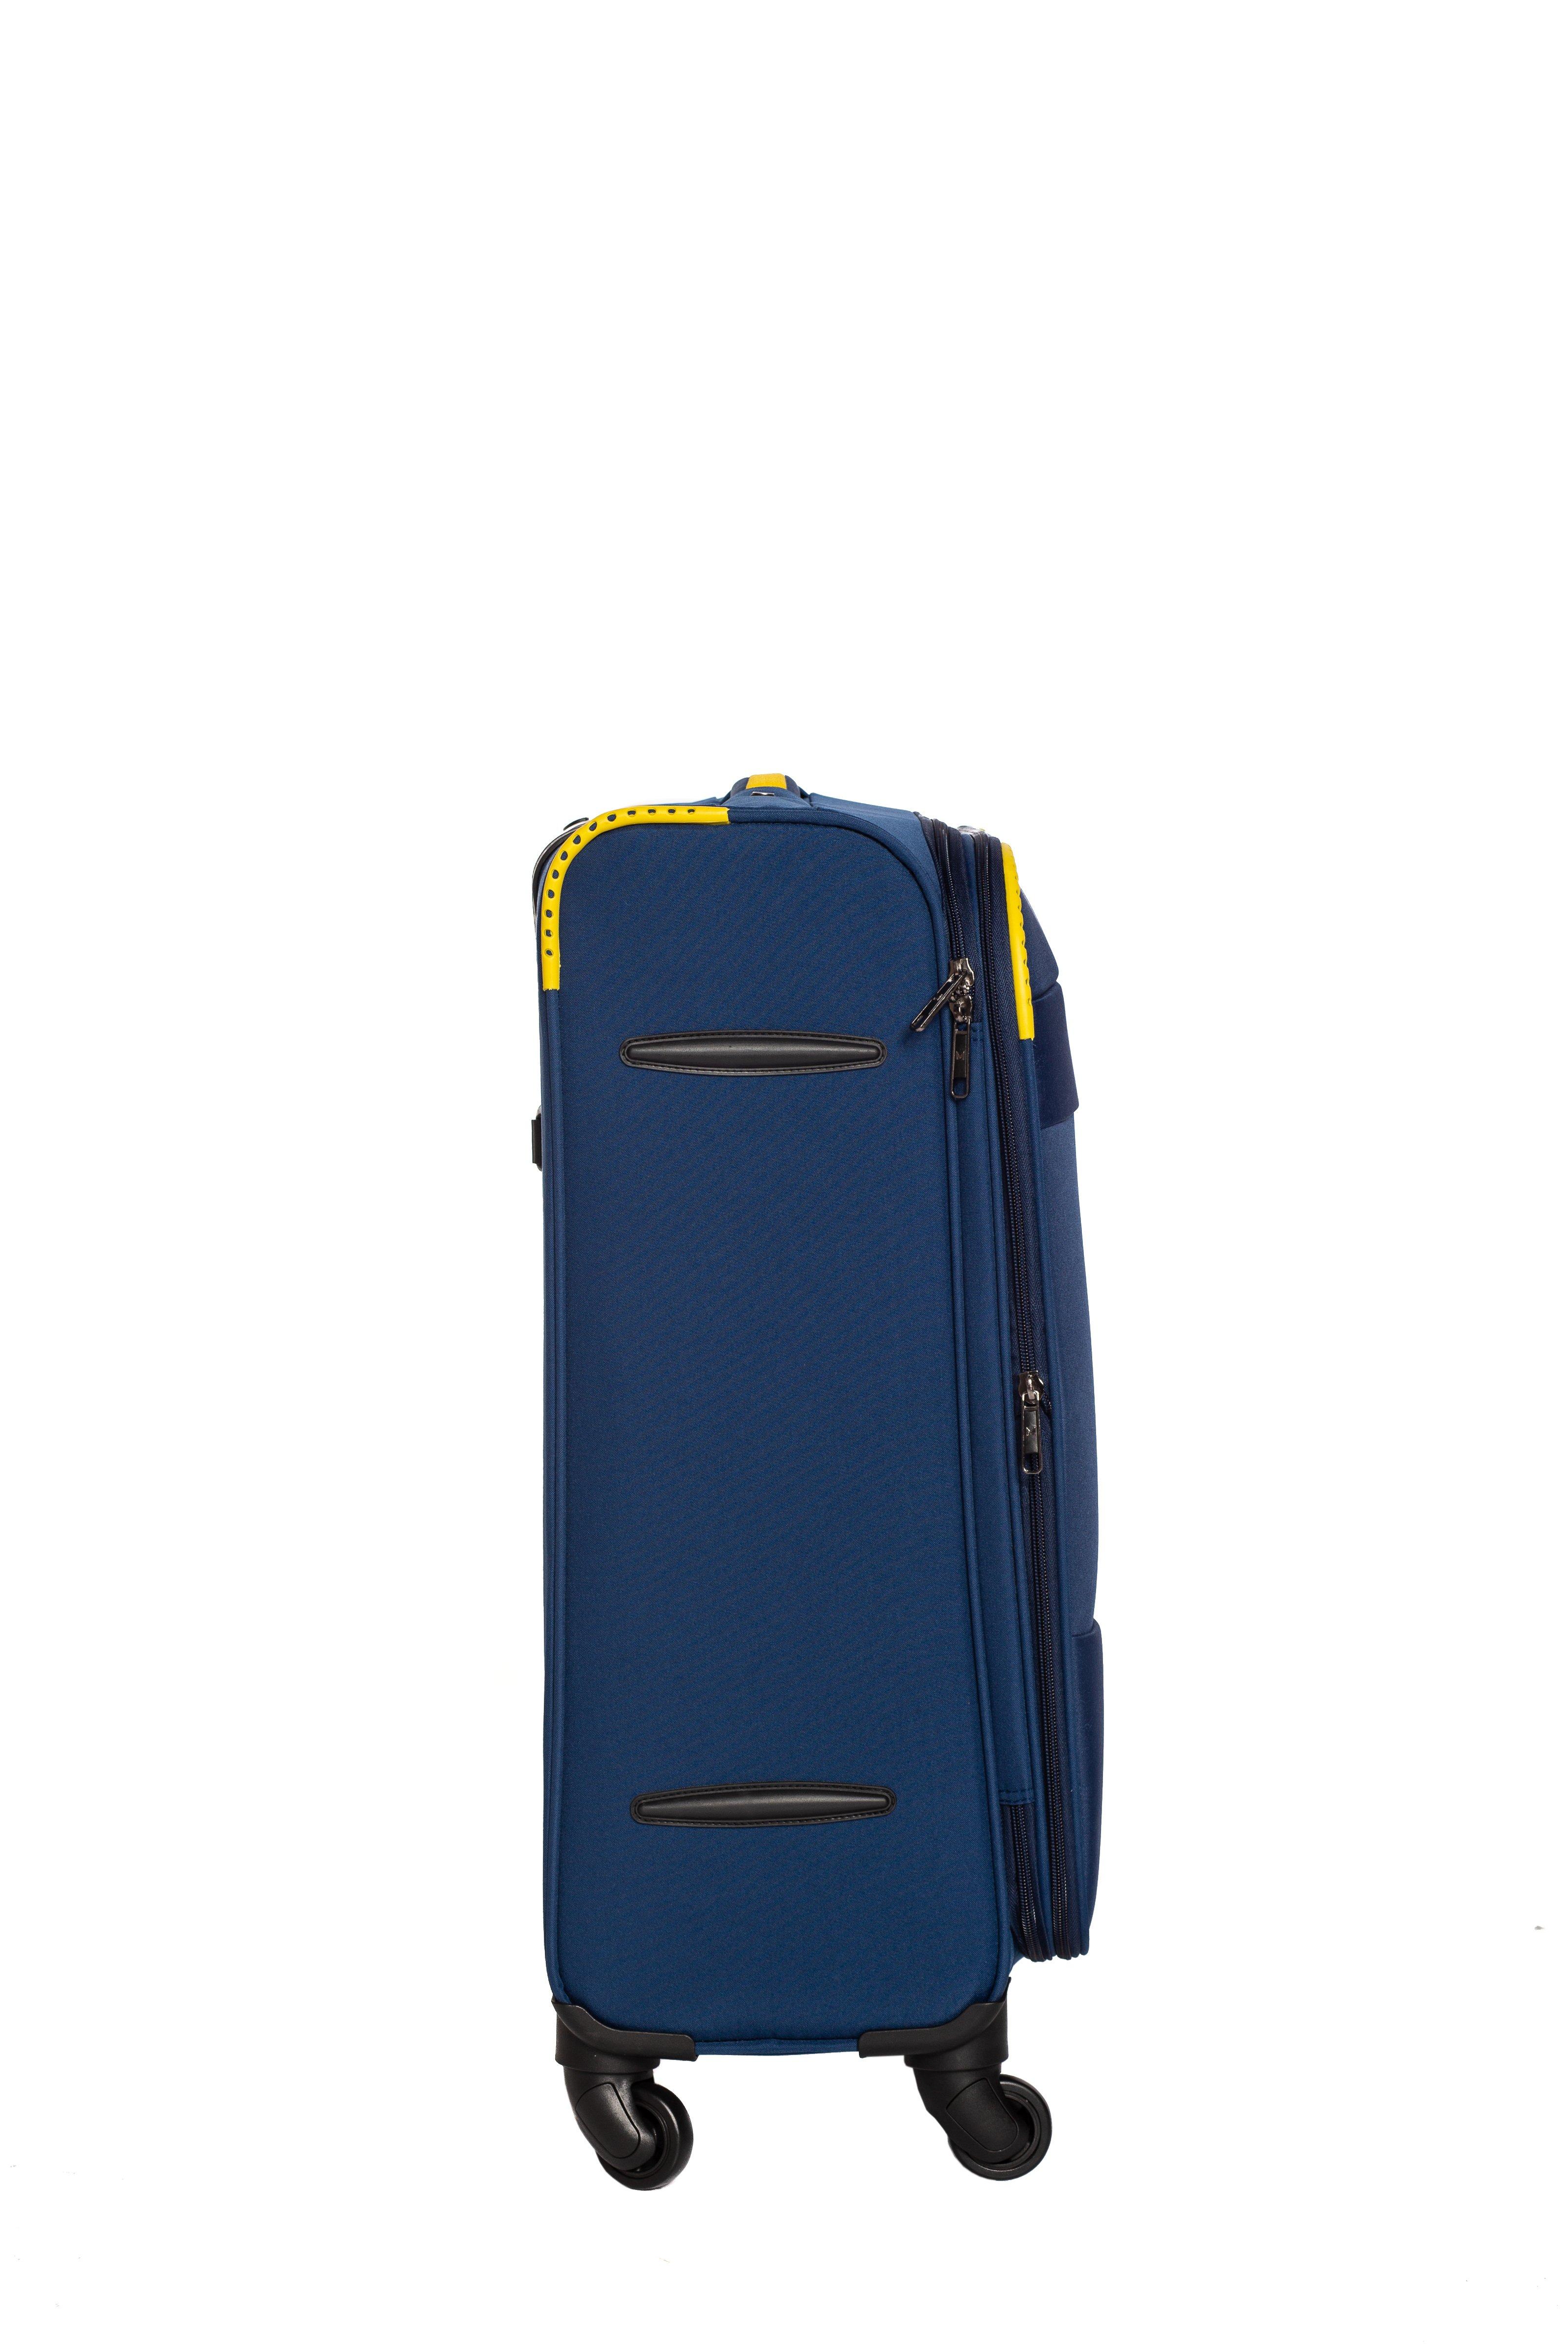 Troler Mirano Cosmo 65 Blue [4]